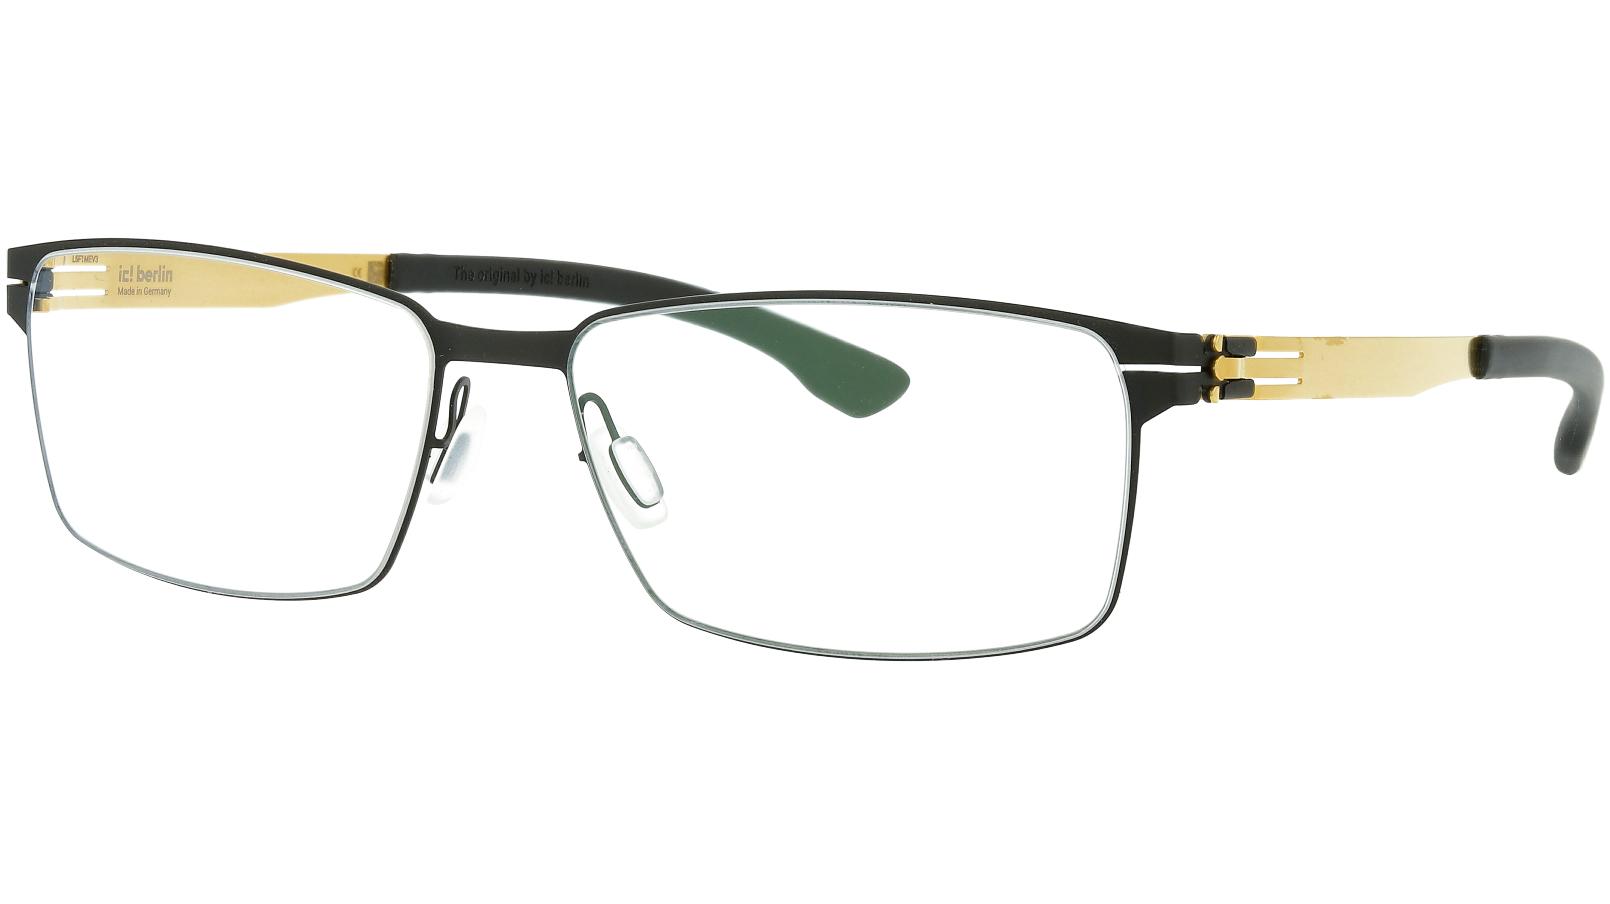 ic! Berlin Toru N.Black 57 Donnerstag Glasses